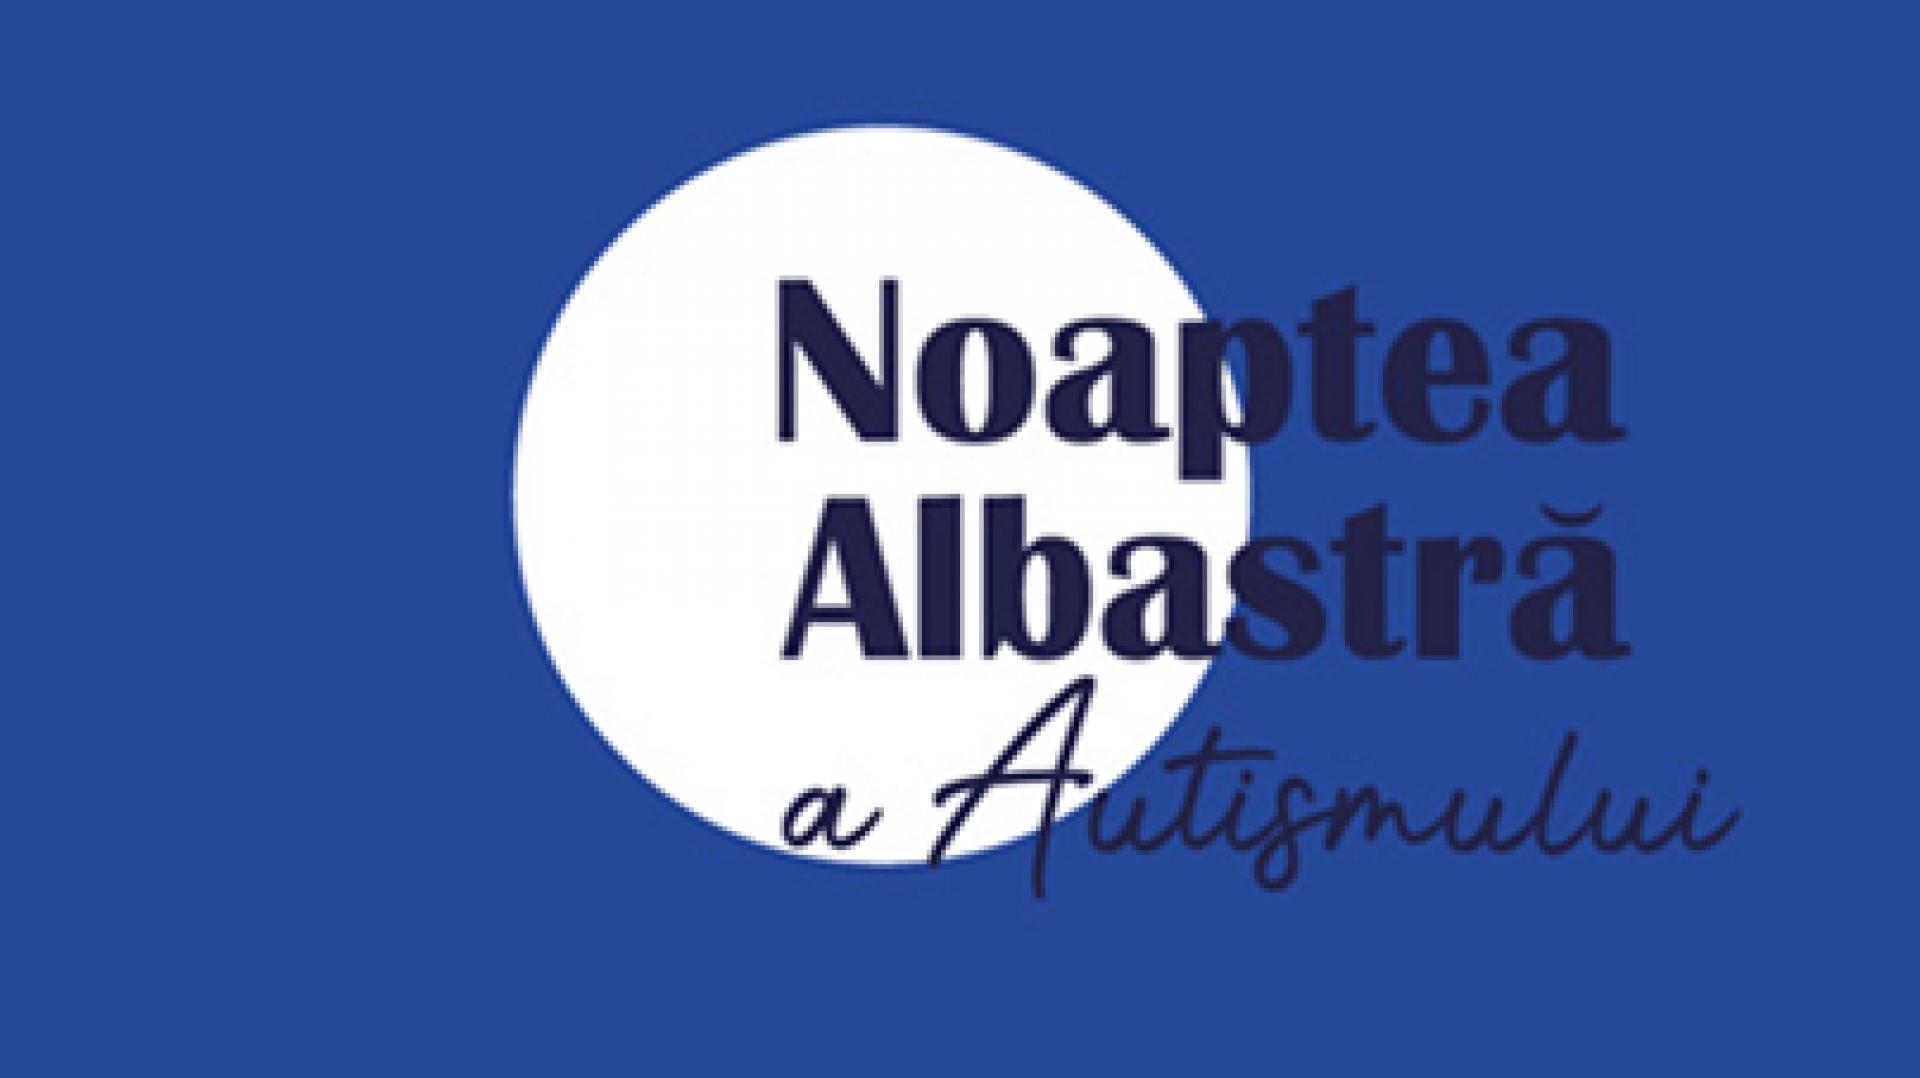 Asociaţia pentru Consiliere şi Asistenţă Specializată Alba Iulia